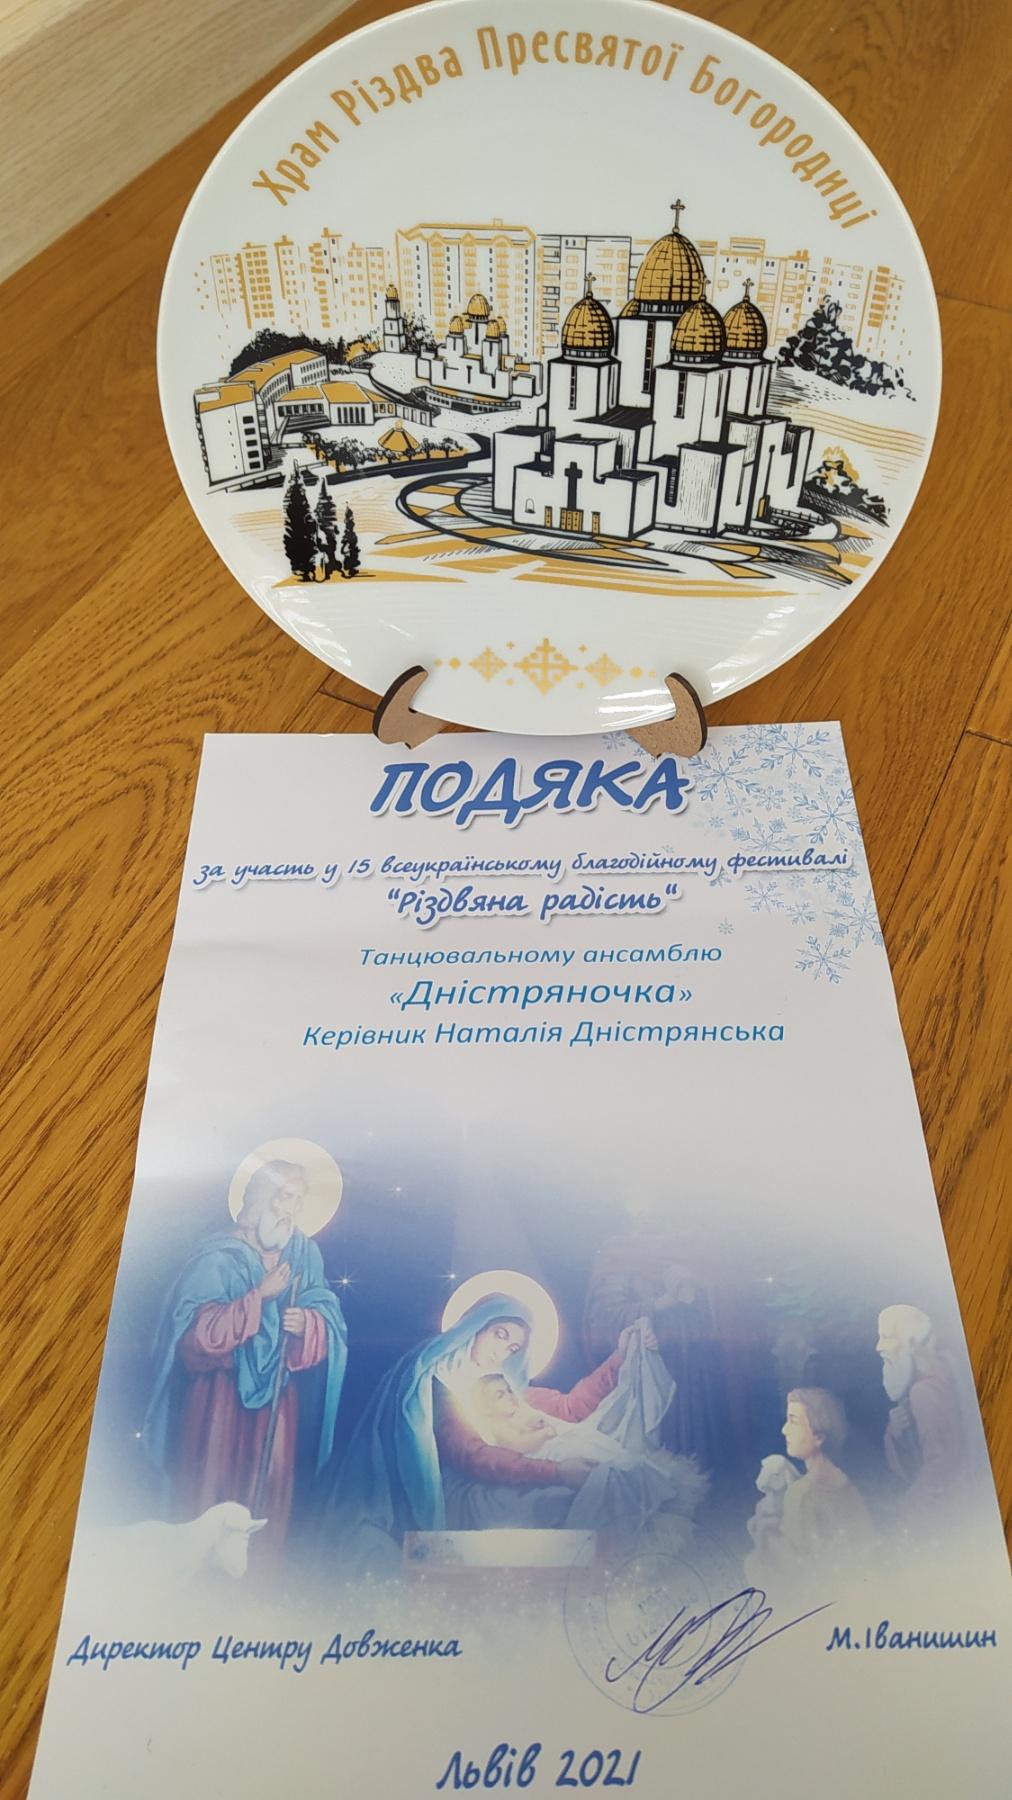 """Ансамбль танцю  """"Дністряночка"""" прийняли участь у 15му Всеукраїнському благодійному фестивалі """"Різдвяна радість"""""""